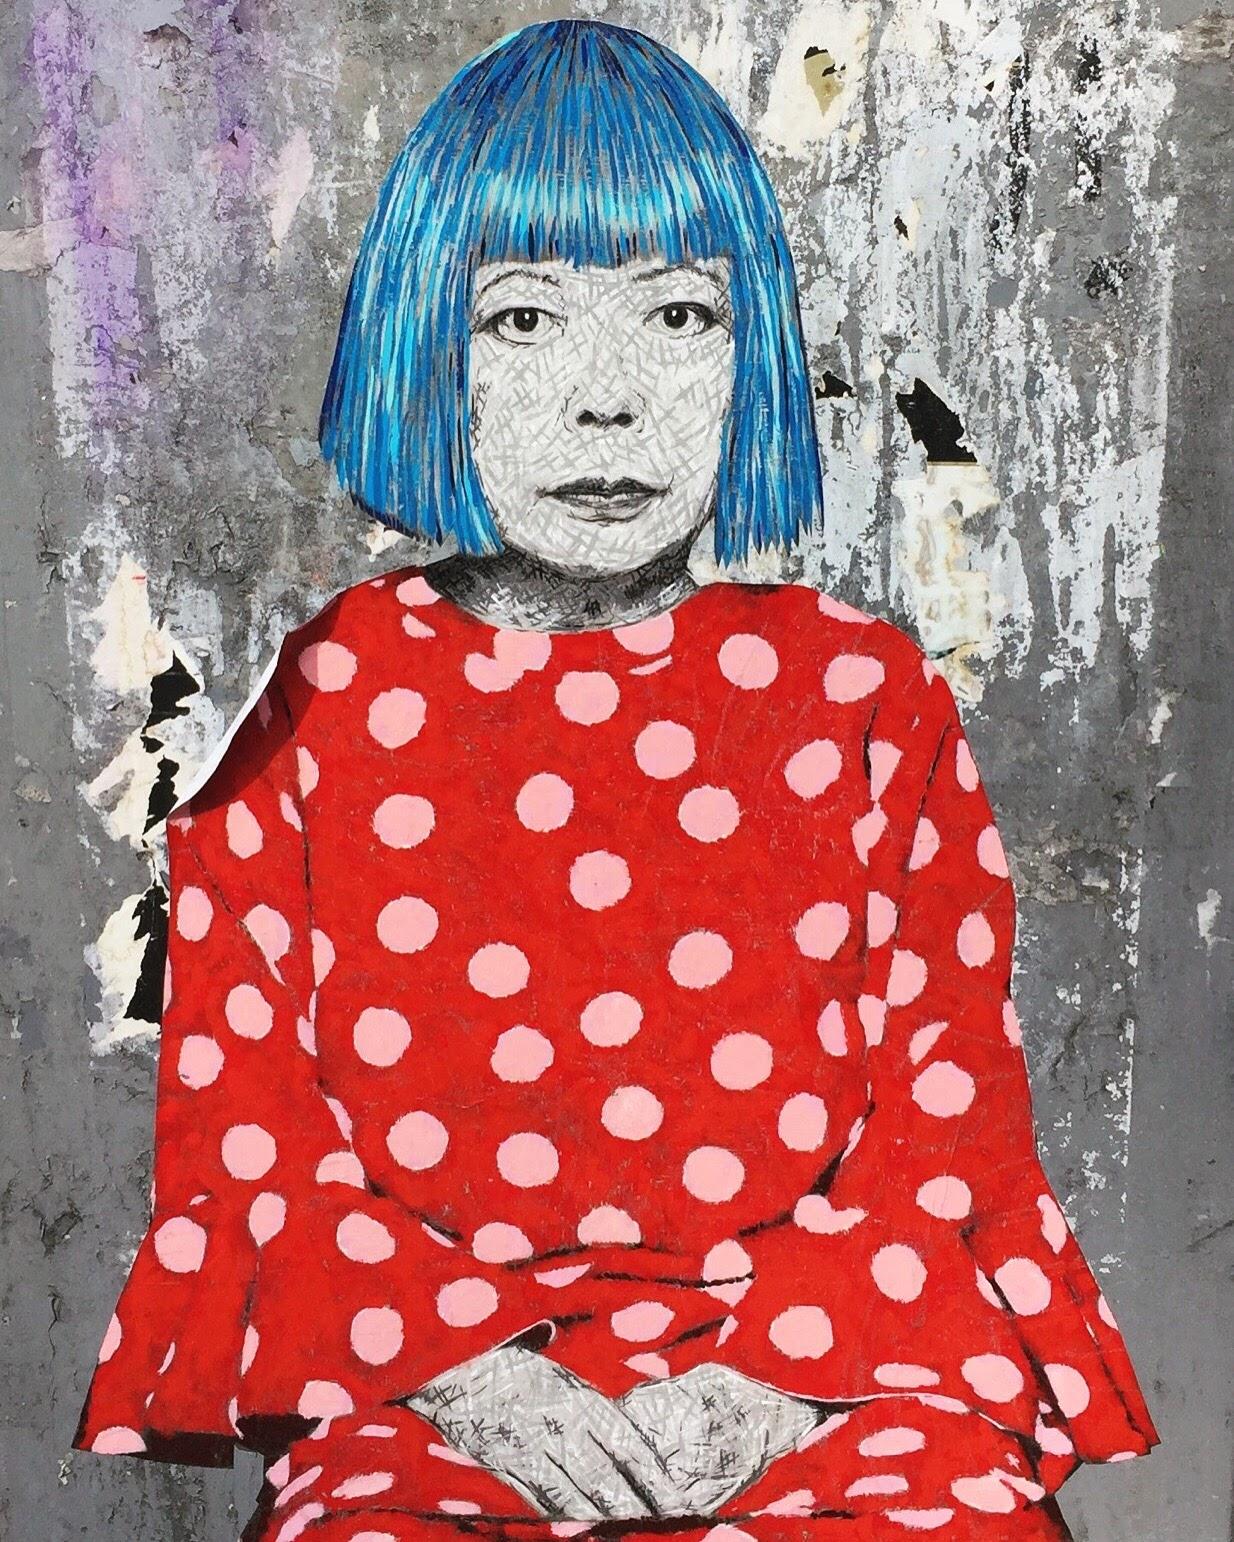 Yayoi Kusama street art by Seattle artist Baso Fibonacci